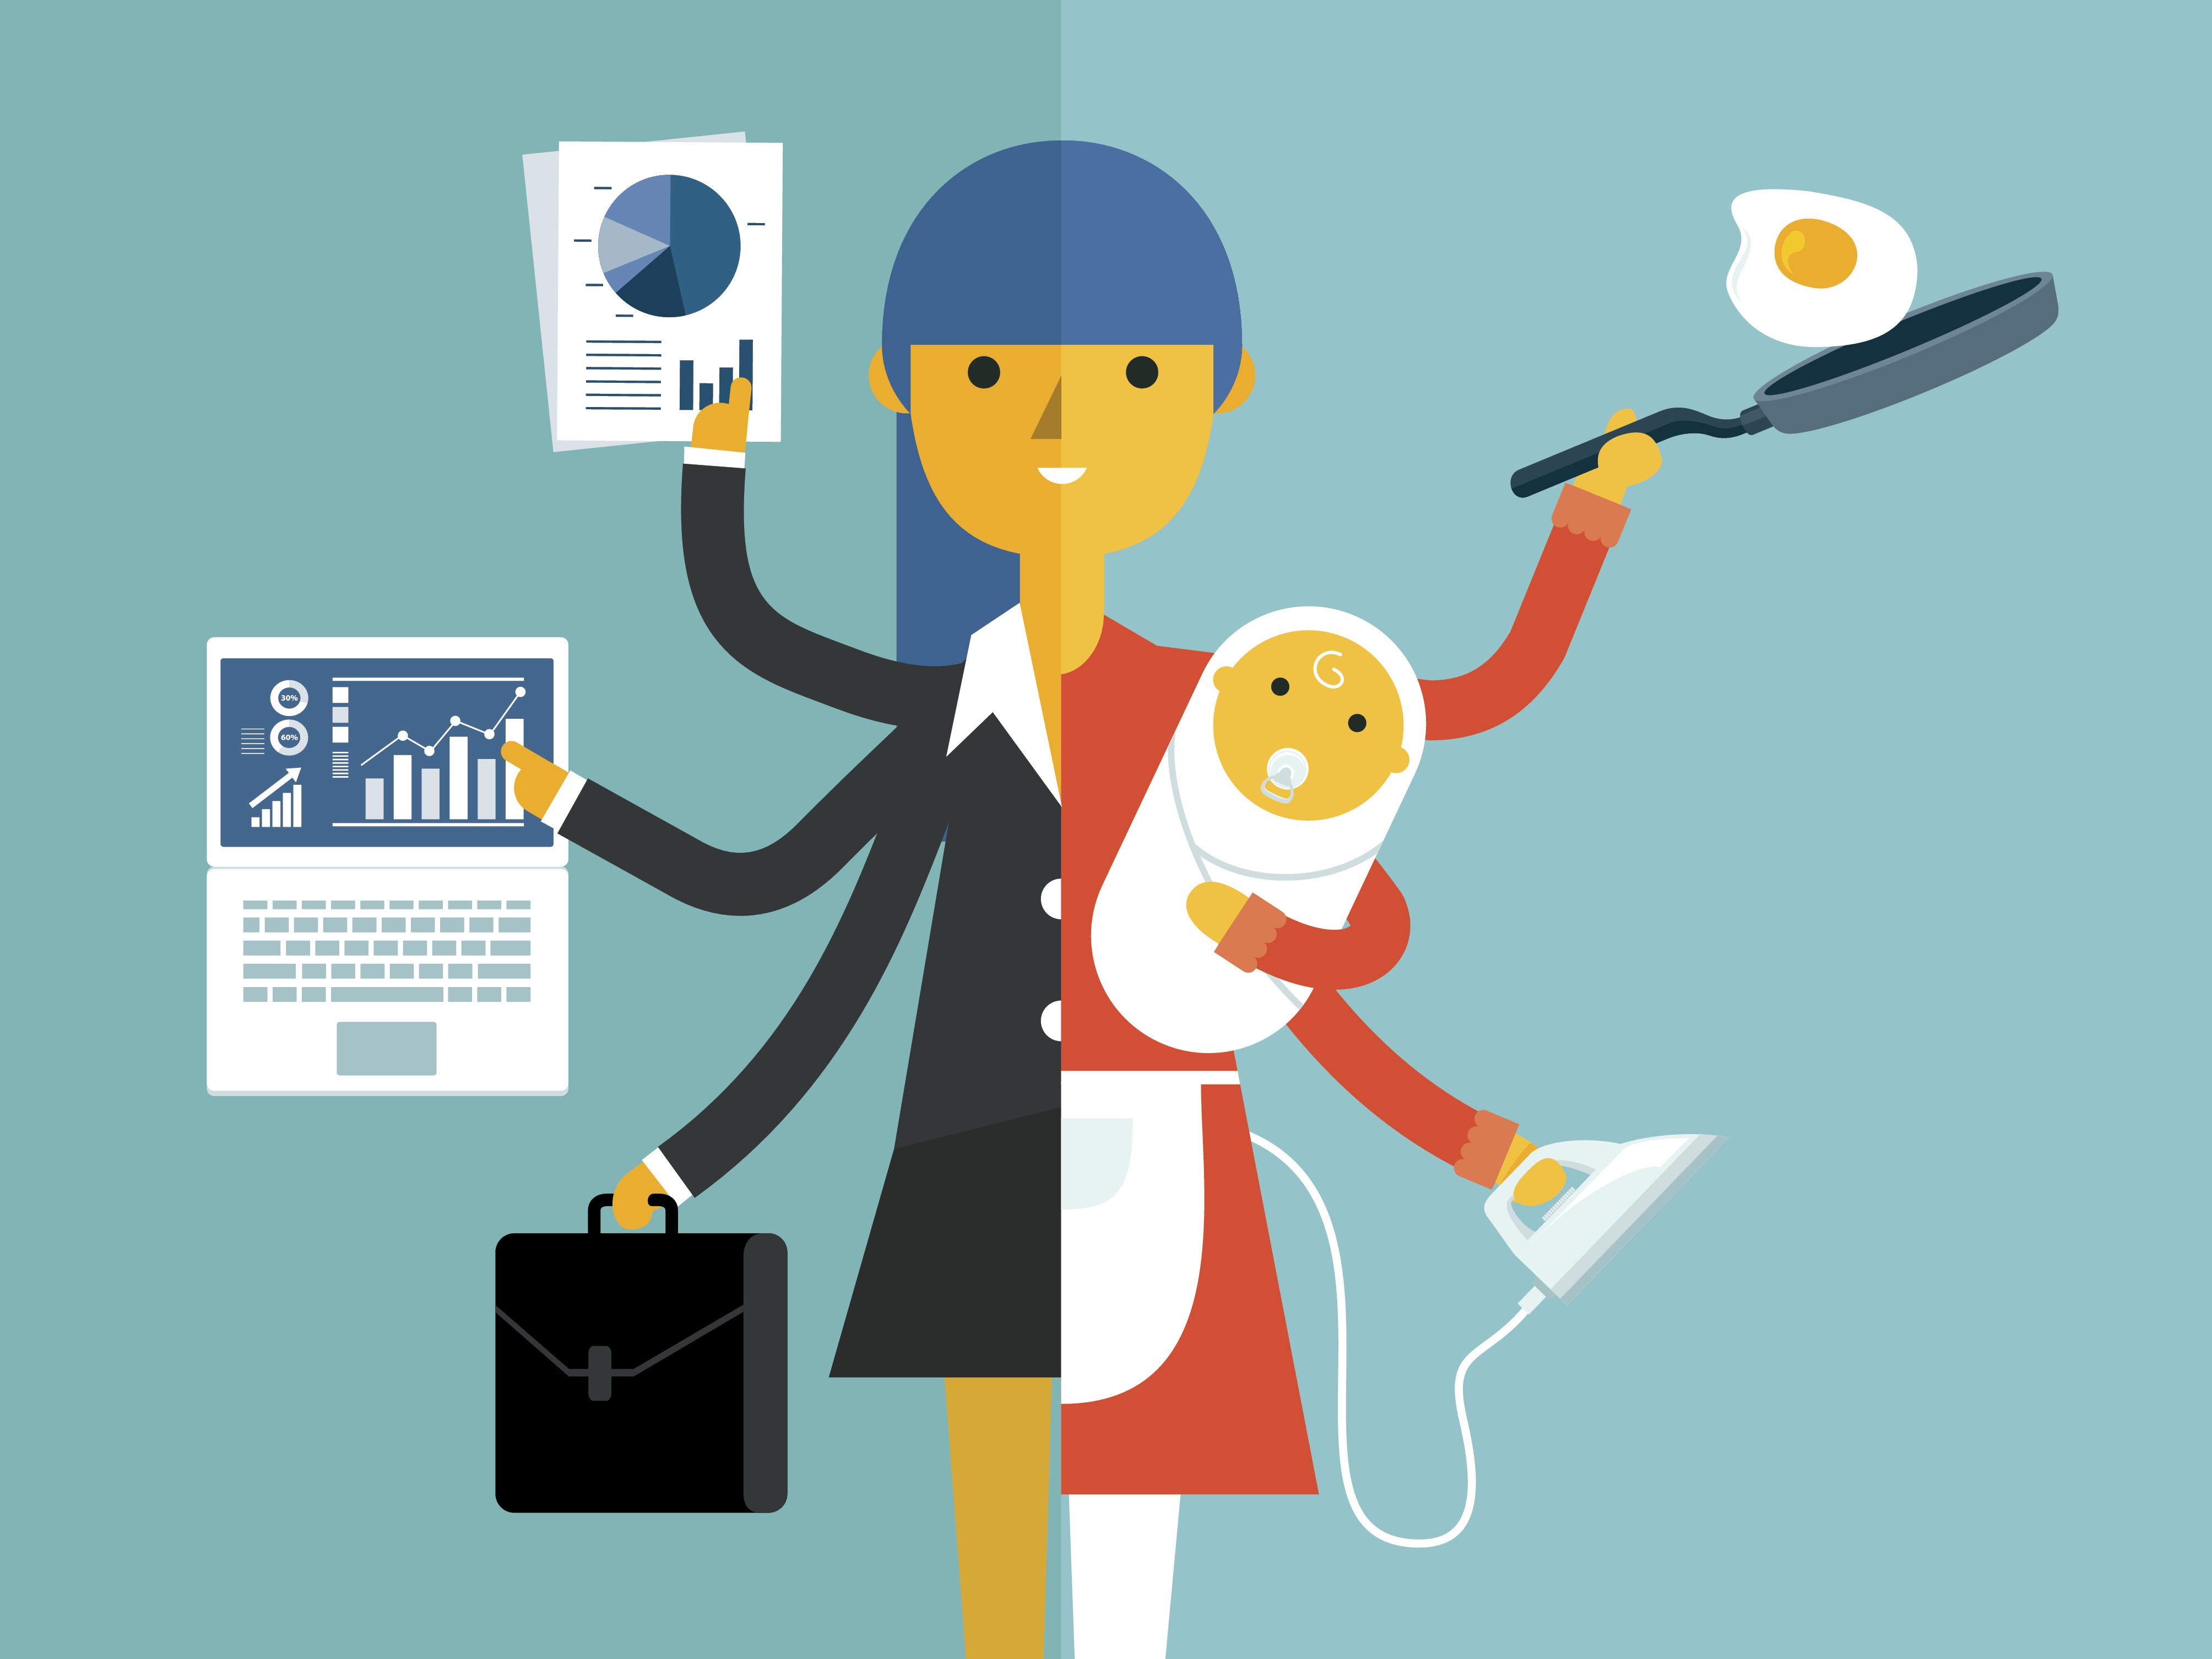 Ilustrasi: Masa Depan Perempuan. Sumber: Google.com